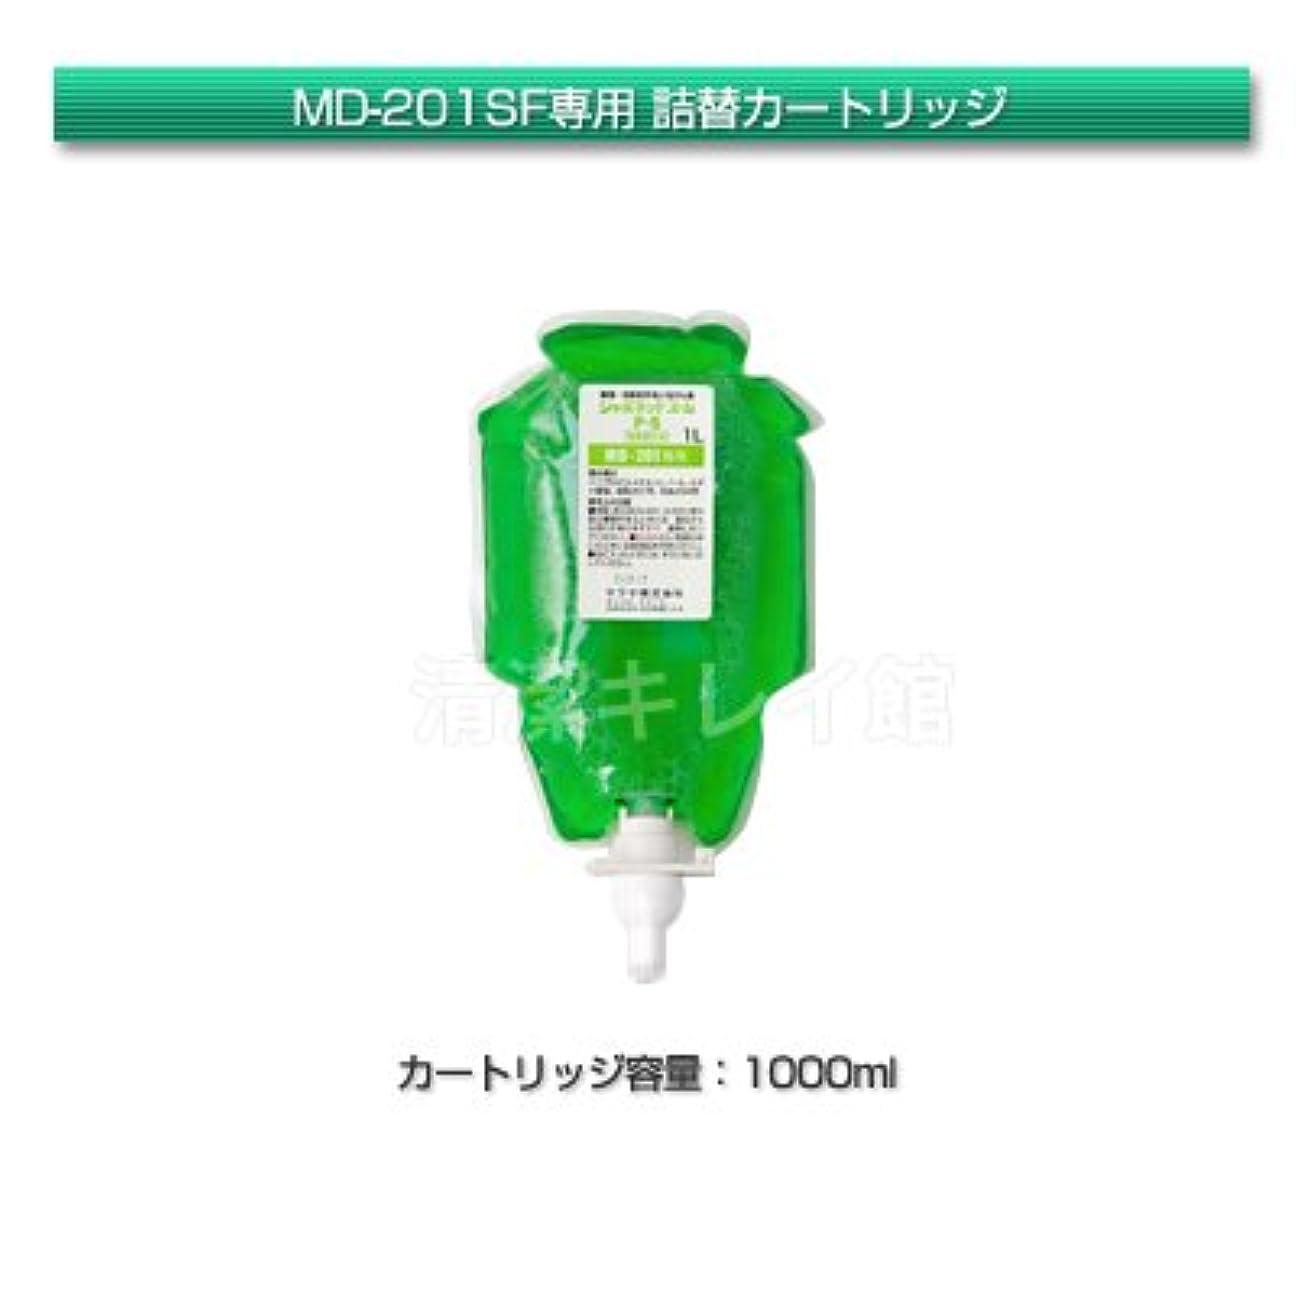 効能ジャンピングジャック透けて見えるサラヤ プッシュ式石鹸液 MD-201SF(泡)専用カートリッジ(ユムP-5)1000ml【清潔キレイ館】